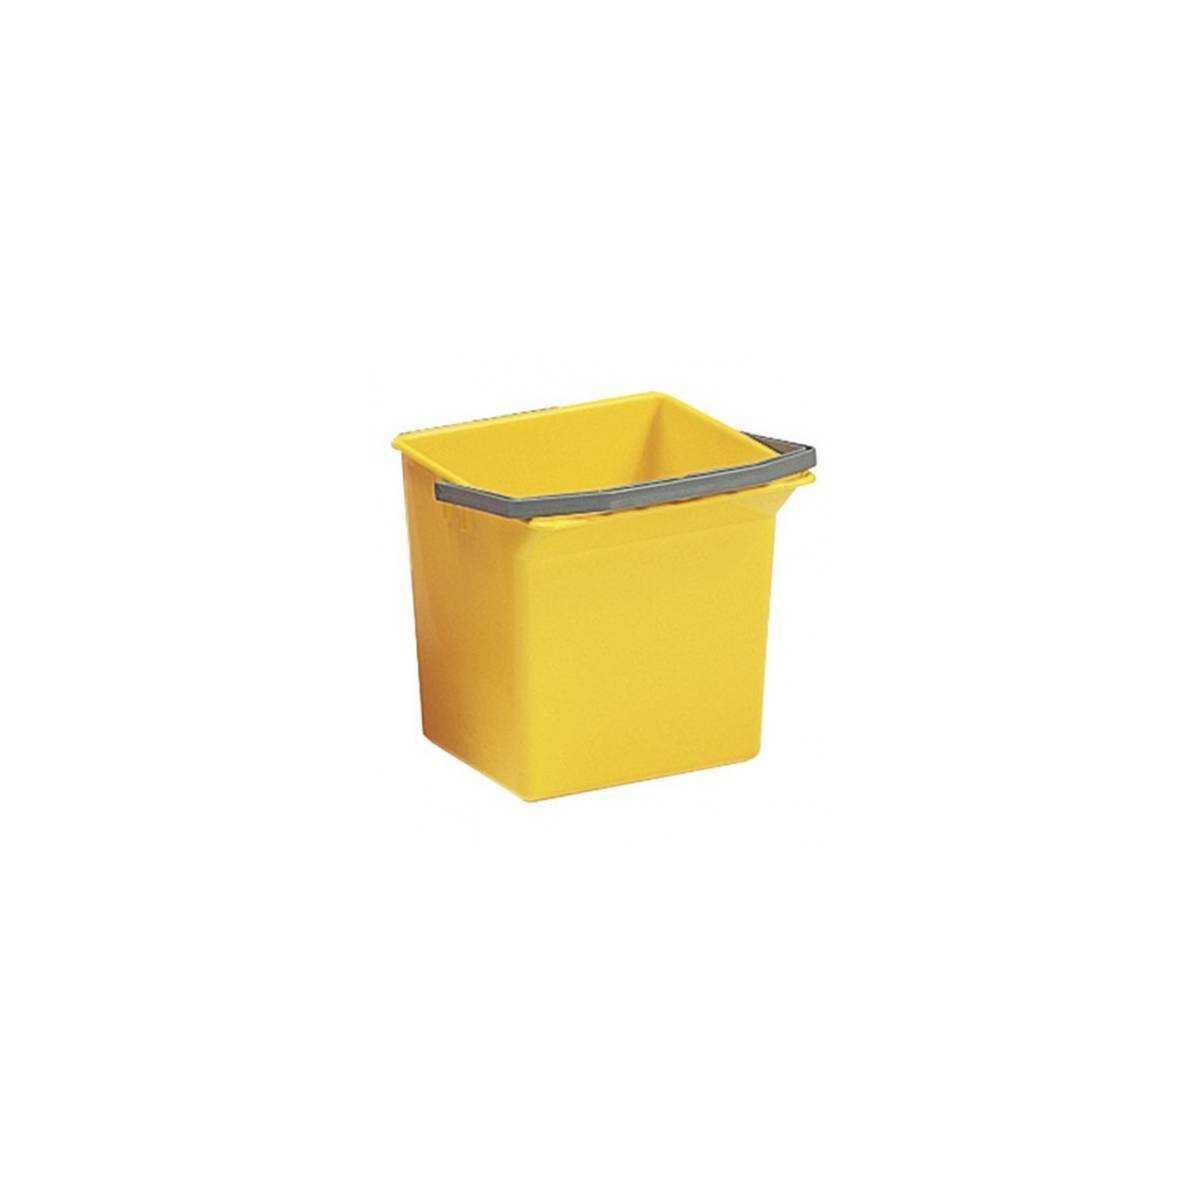 Ведро для уборки с ручкой 6л (Желтого цвета) 00003506 TTS